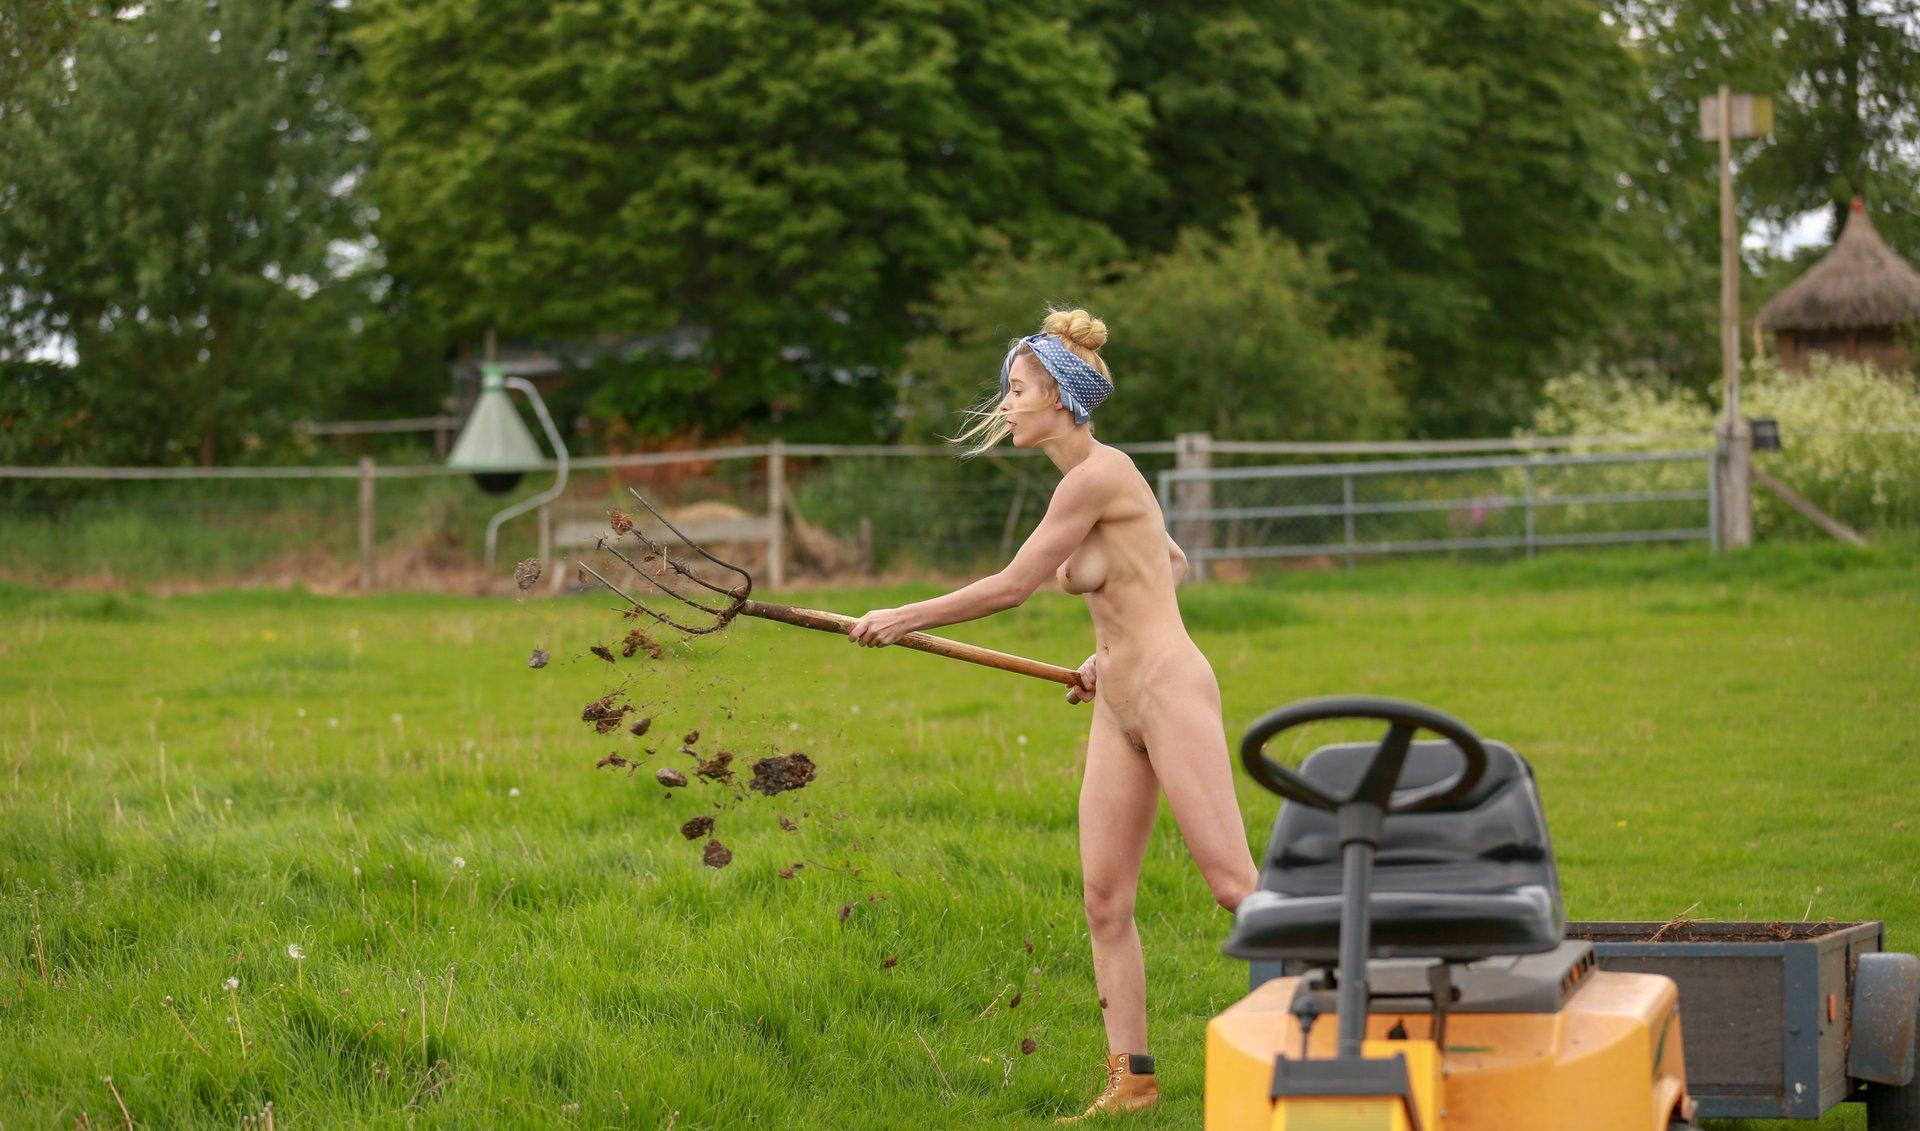 Stella Cordes Anakedgirl Nudes Leaks 0003